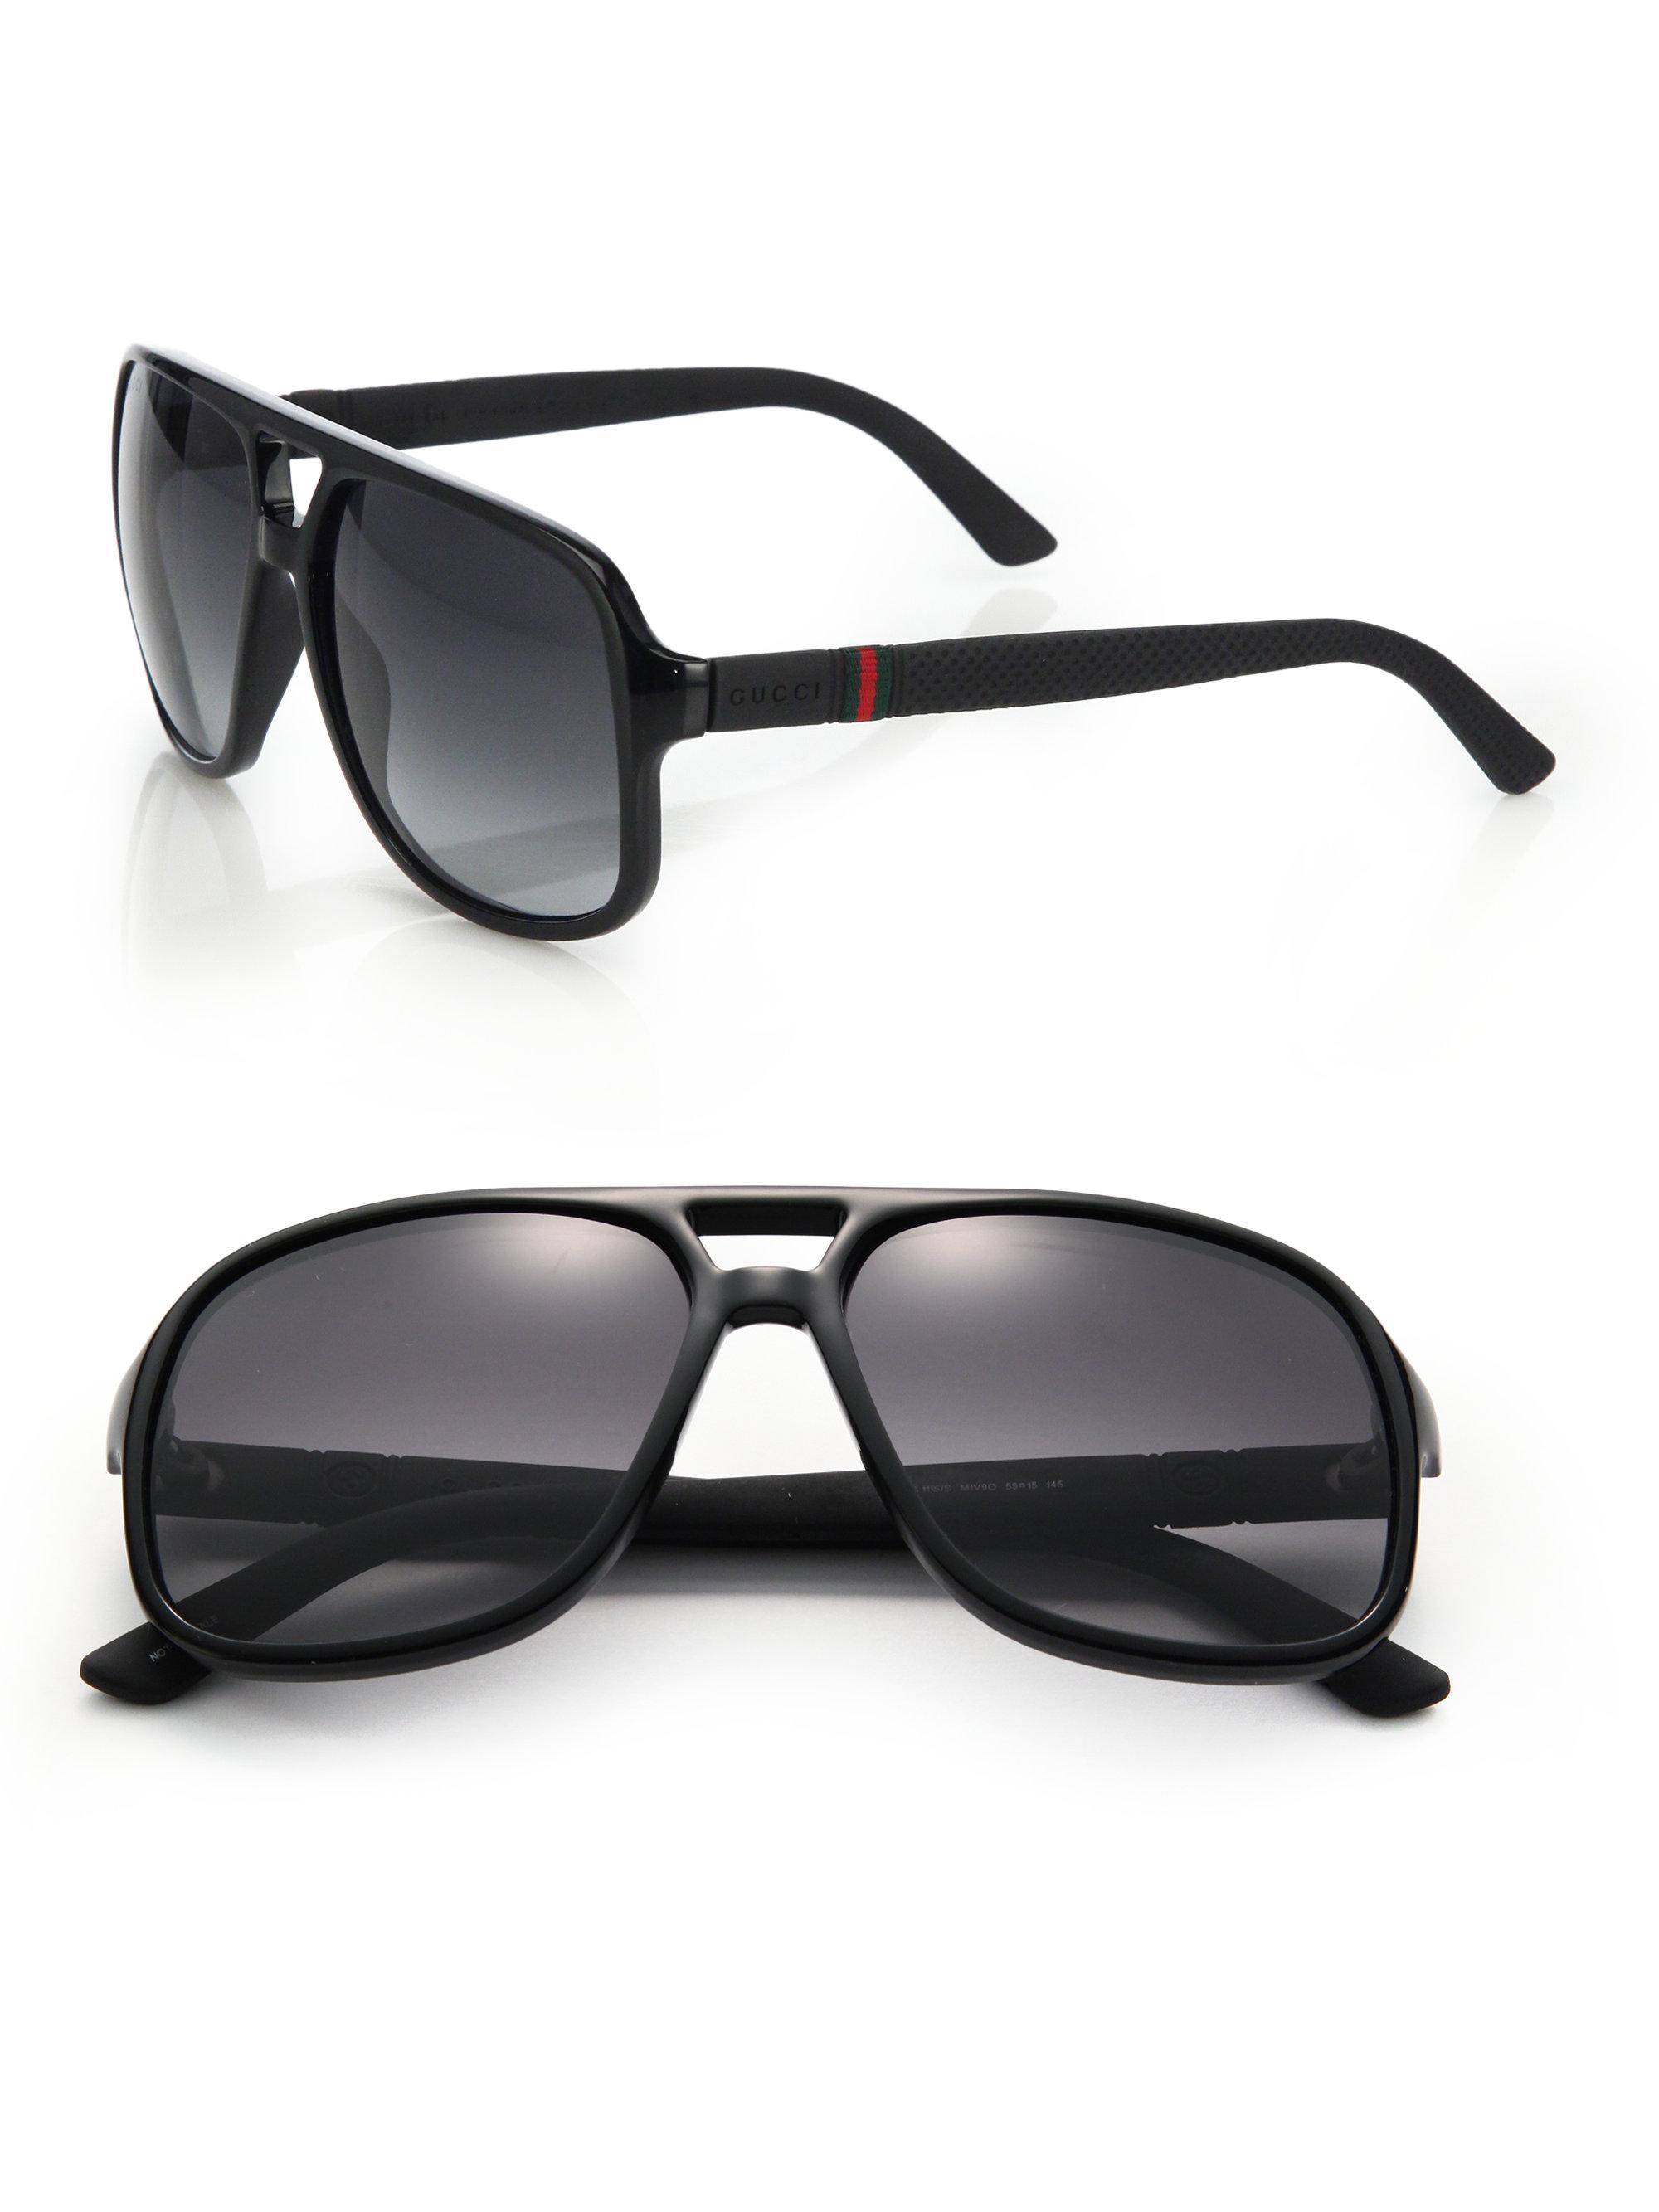 02080f75f7 Gucci 1115 59mm Mirror Aviator Sunglasses in Black for Men - Lyst